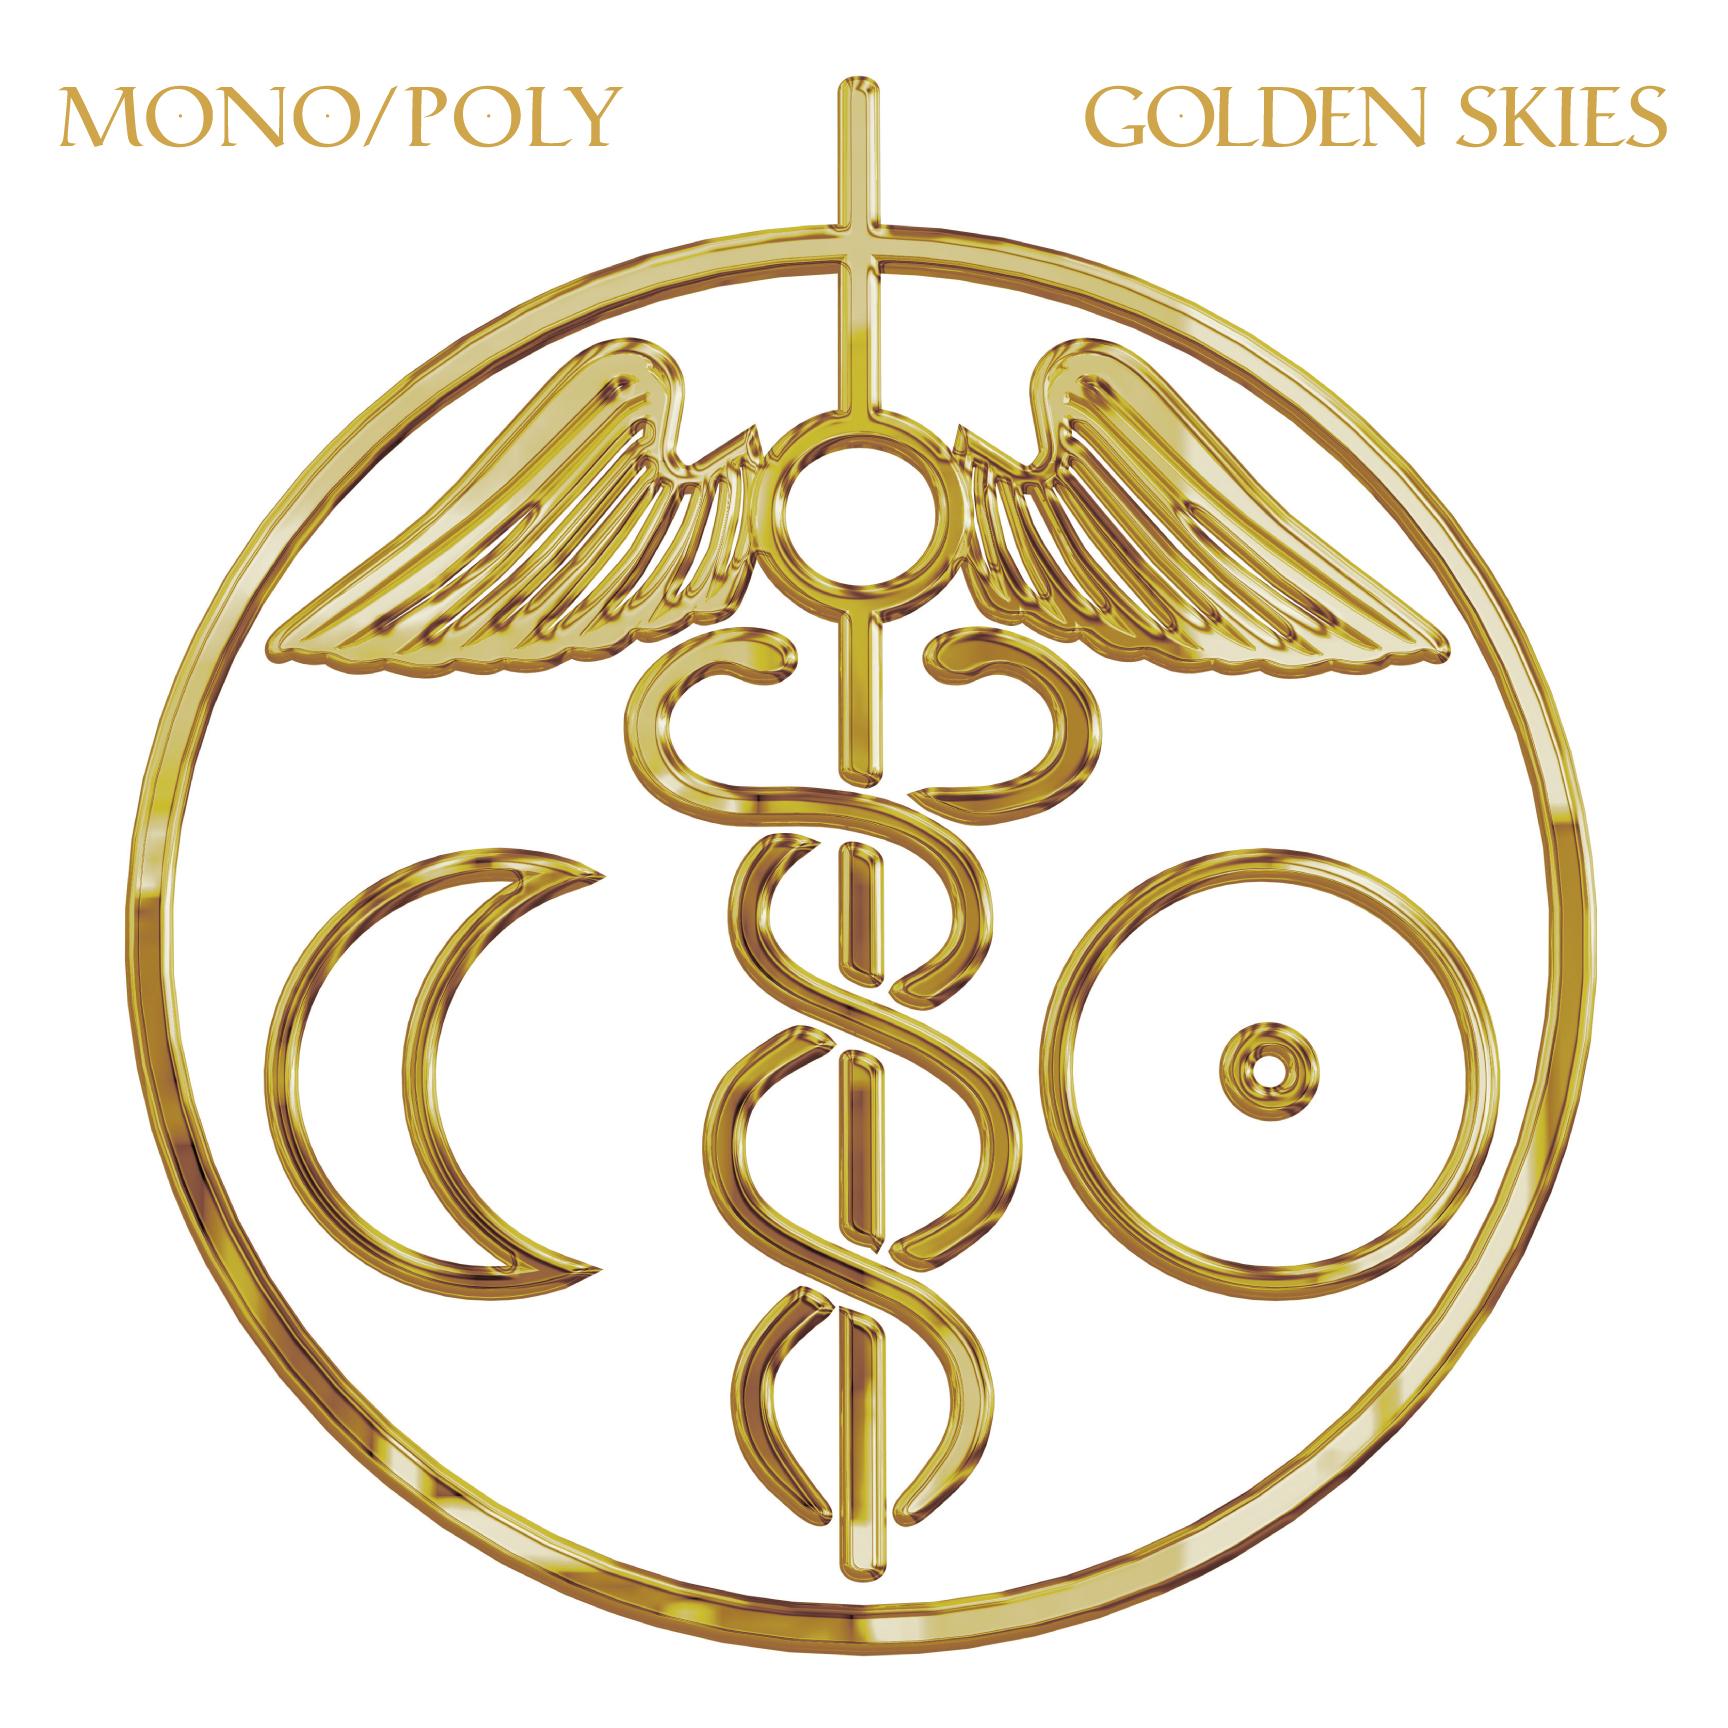 Mono/Poly: Golden Skies